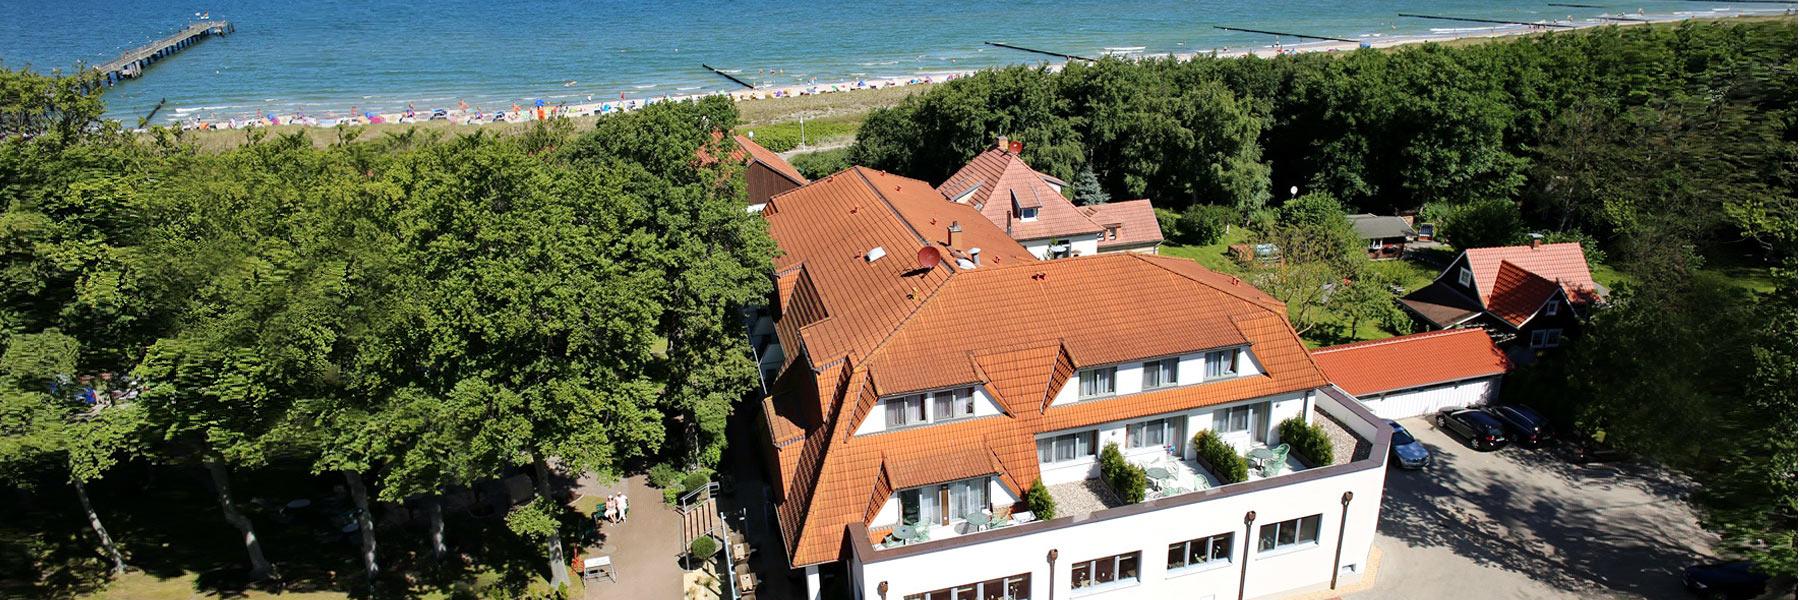 Luftaufnahme - Hotel Haus am Meer